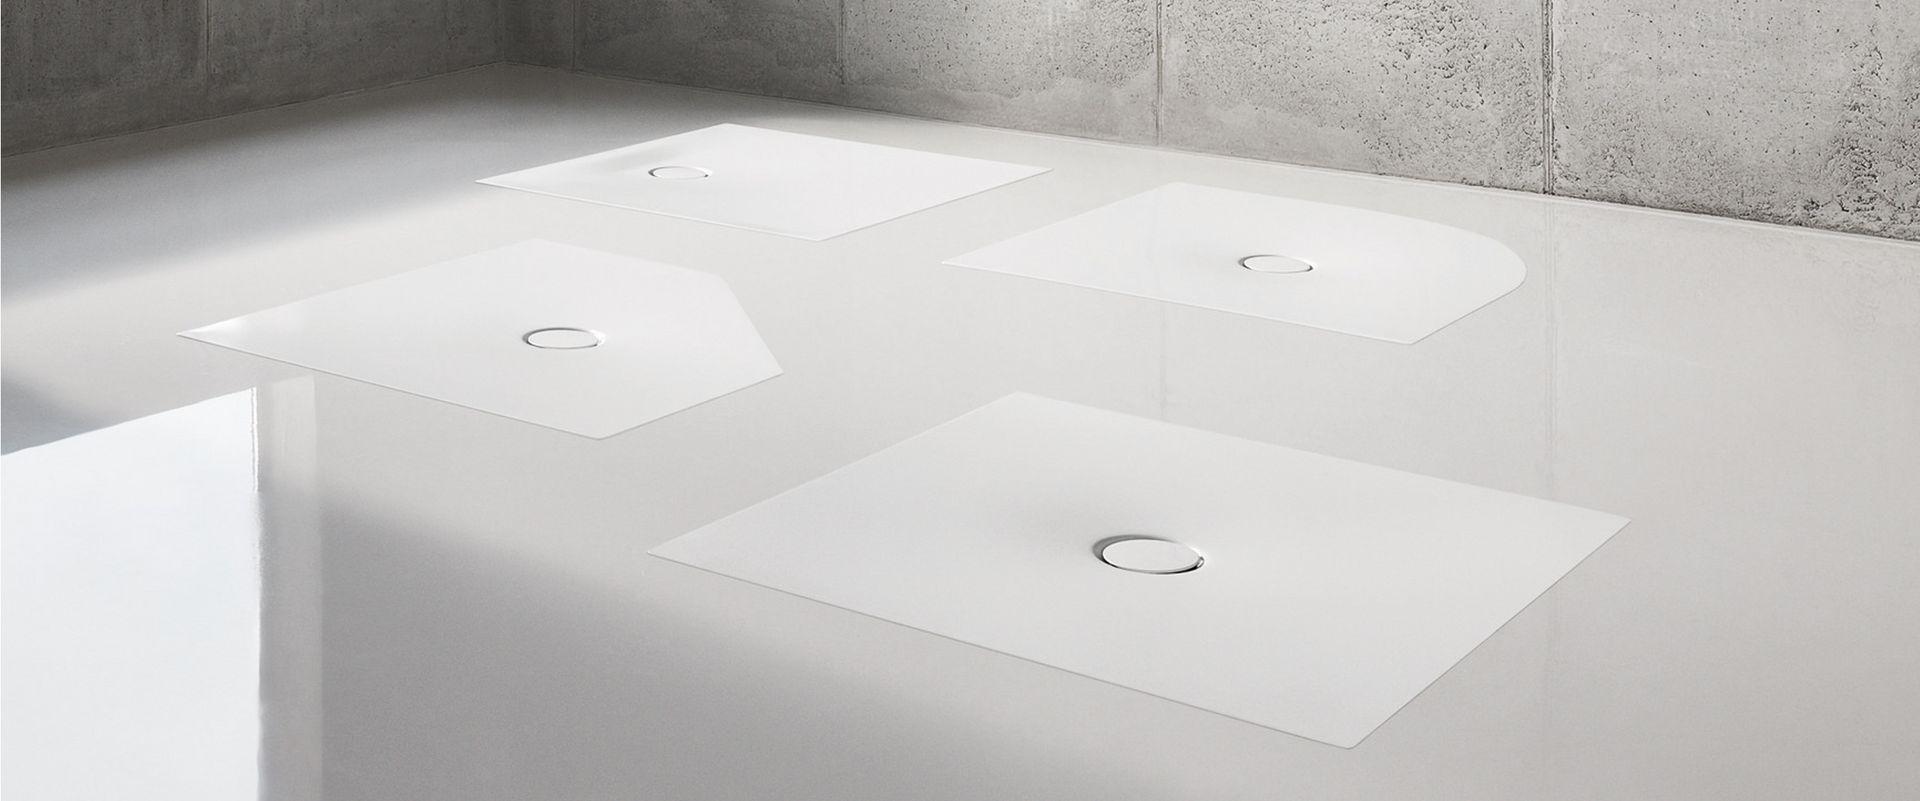 Full Size of Bette Floor Duschwanne Ablauf Reinigen Bettefloor Side Shower Tray Douchebak Colours Brausetasse Installation Video Waste Bodenebene Duschen Mit Moderner Bett Bette Floor